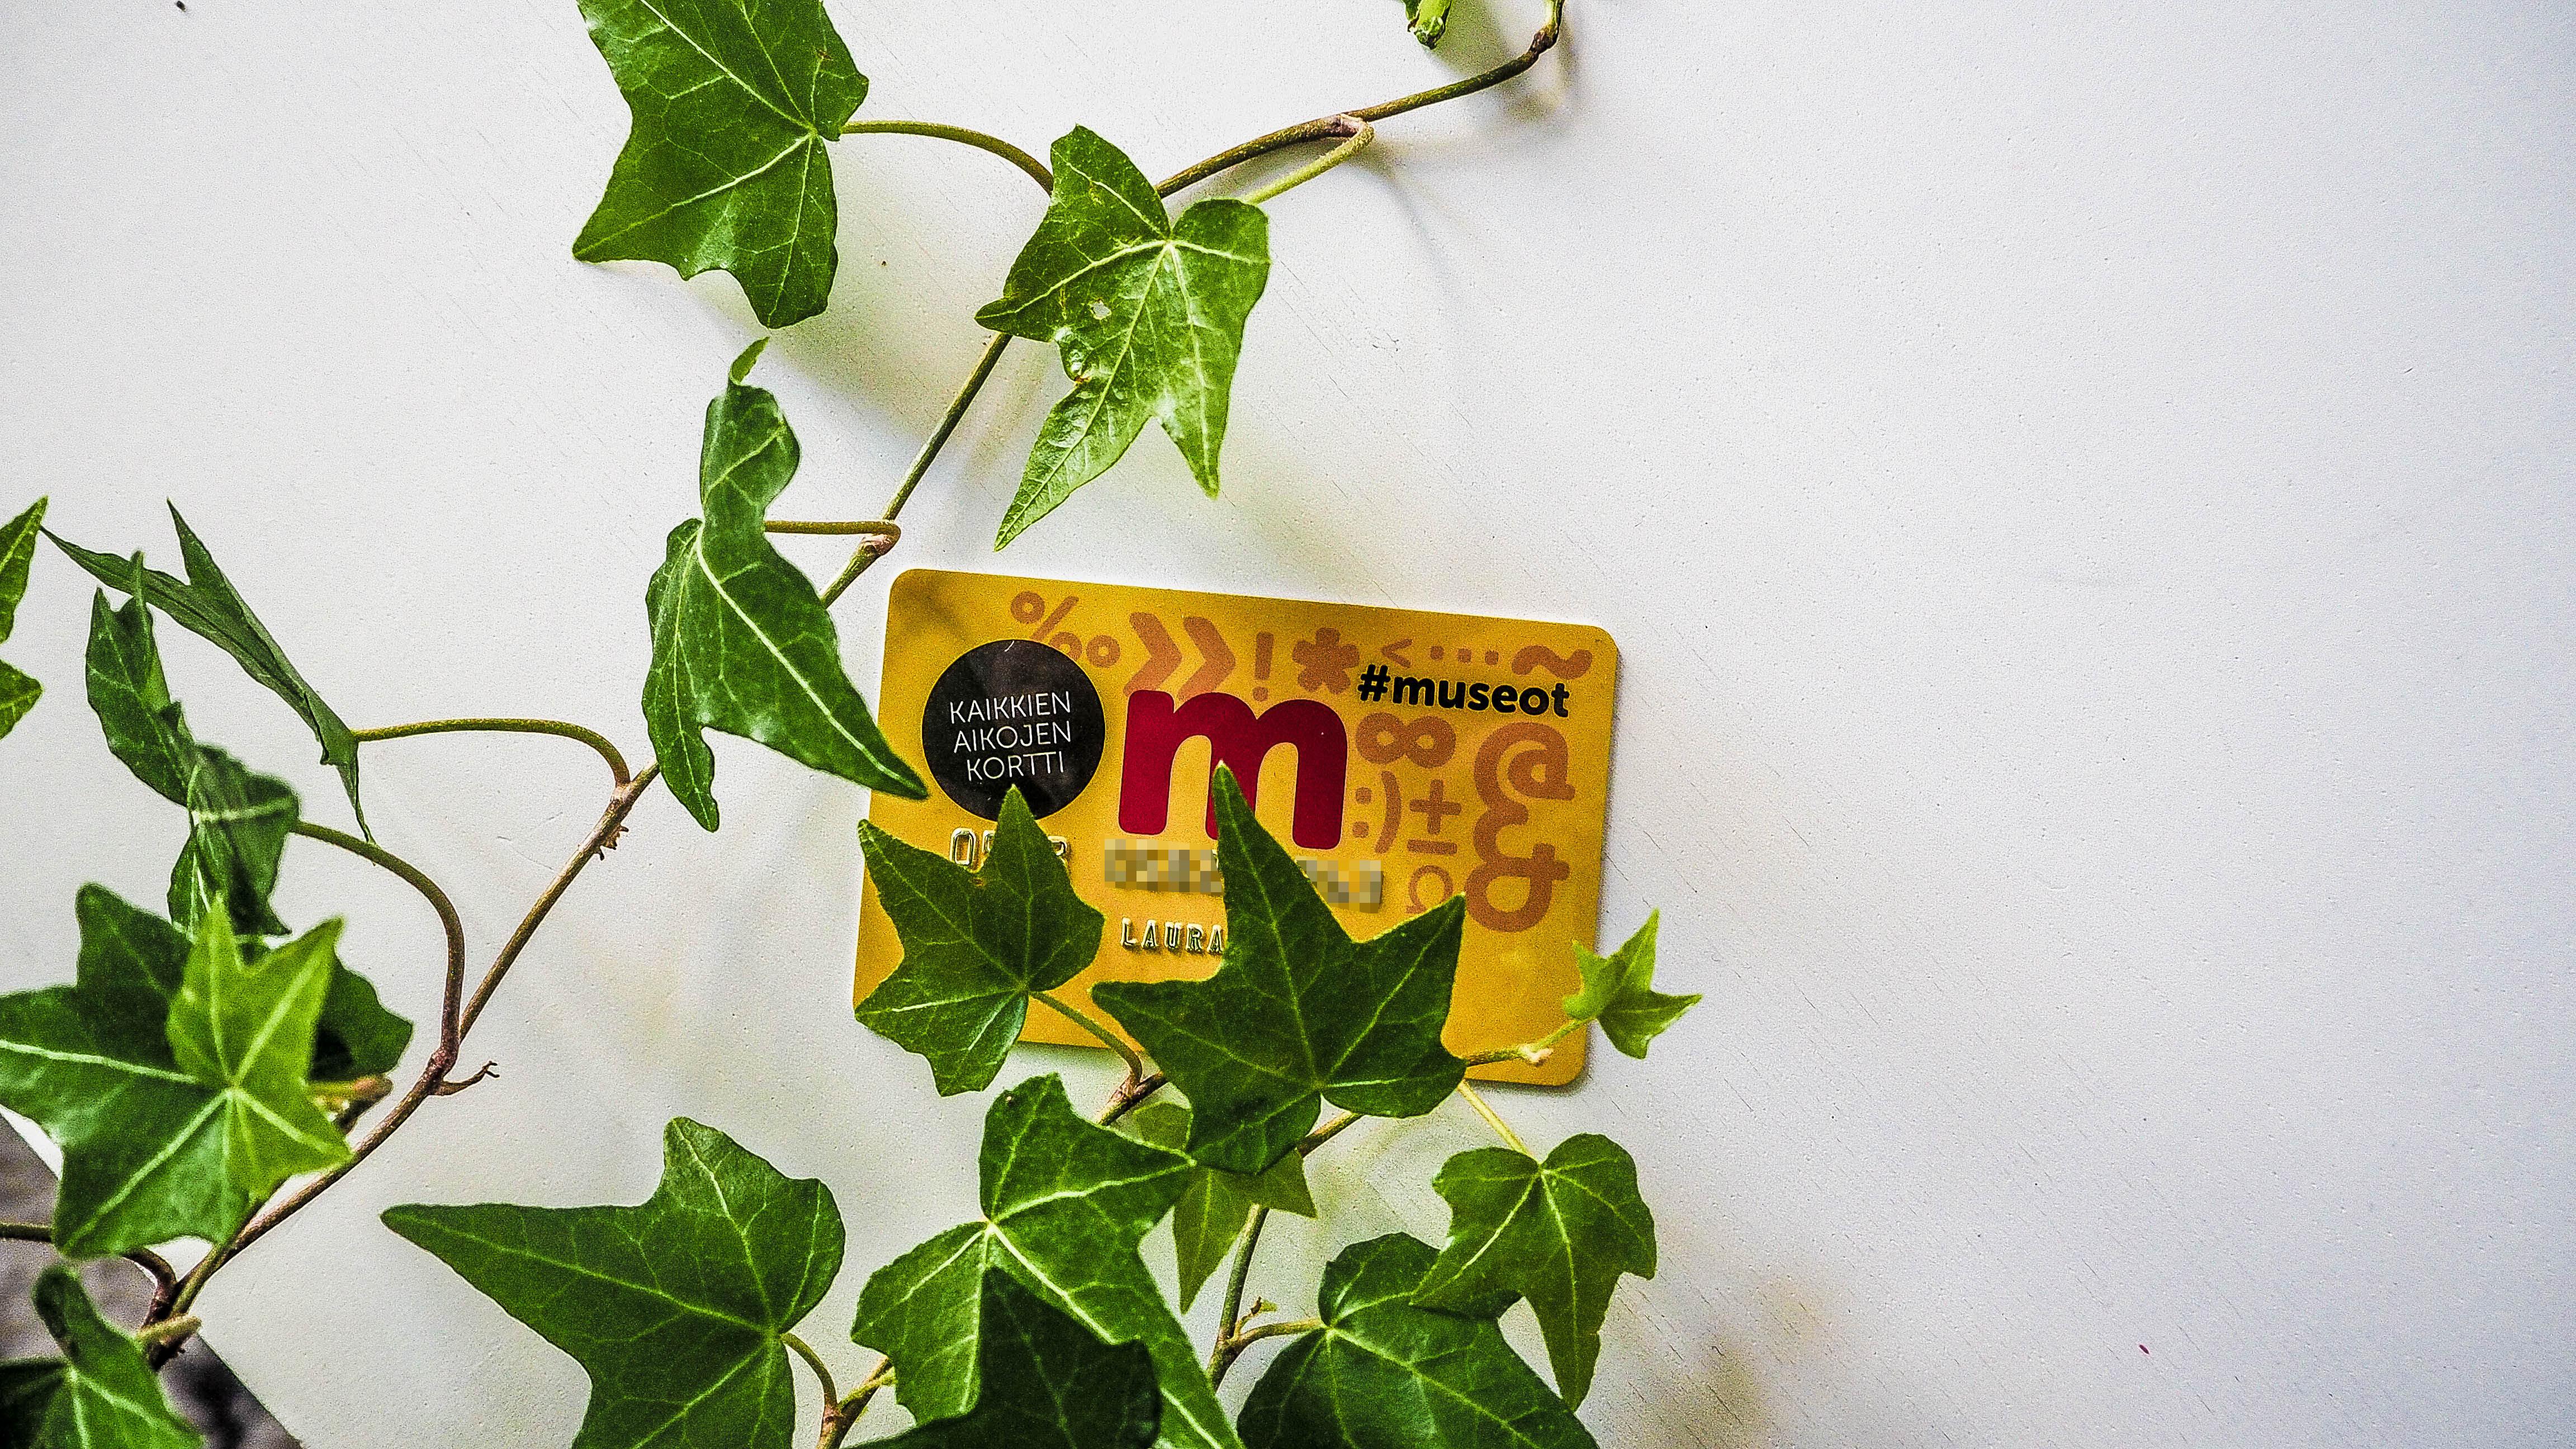 museokortti-3065007